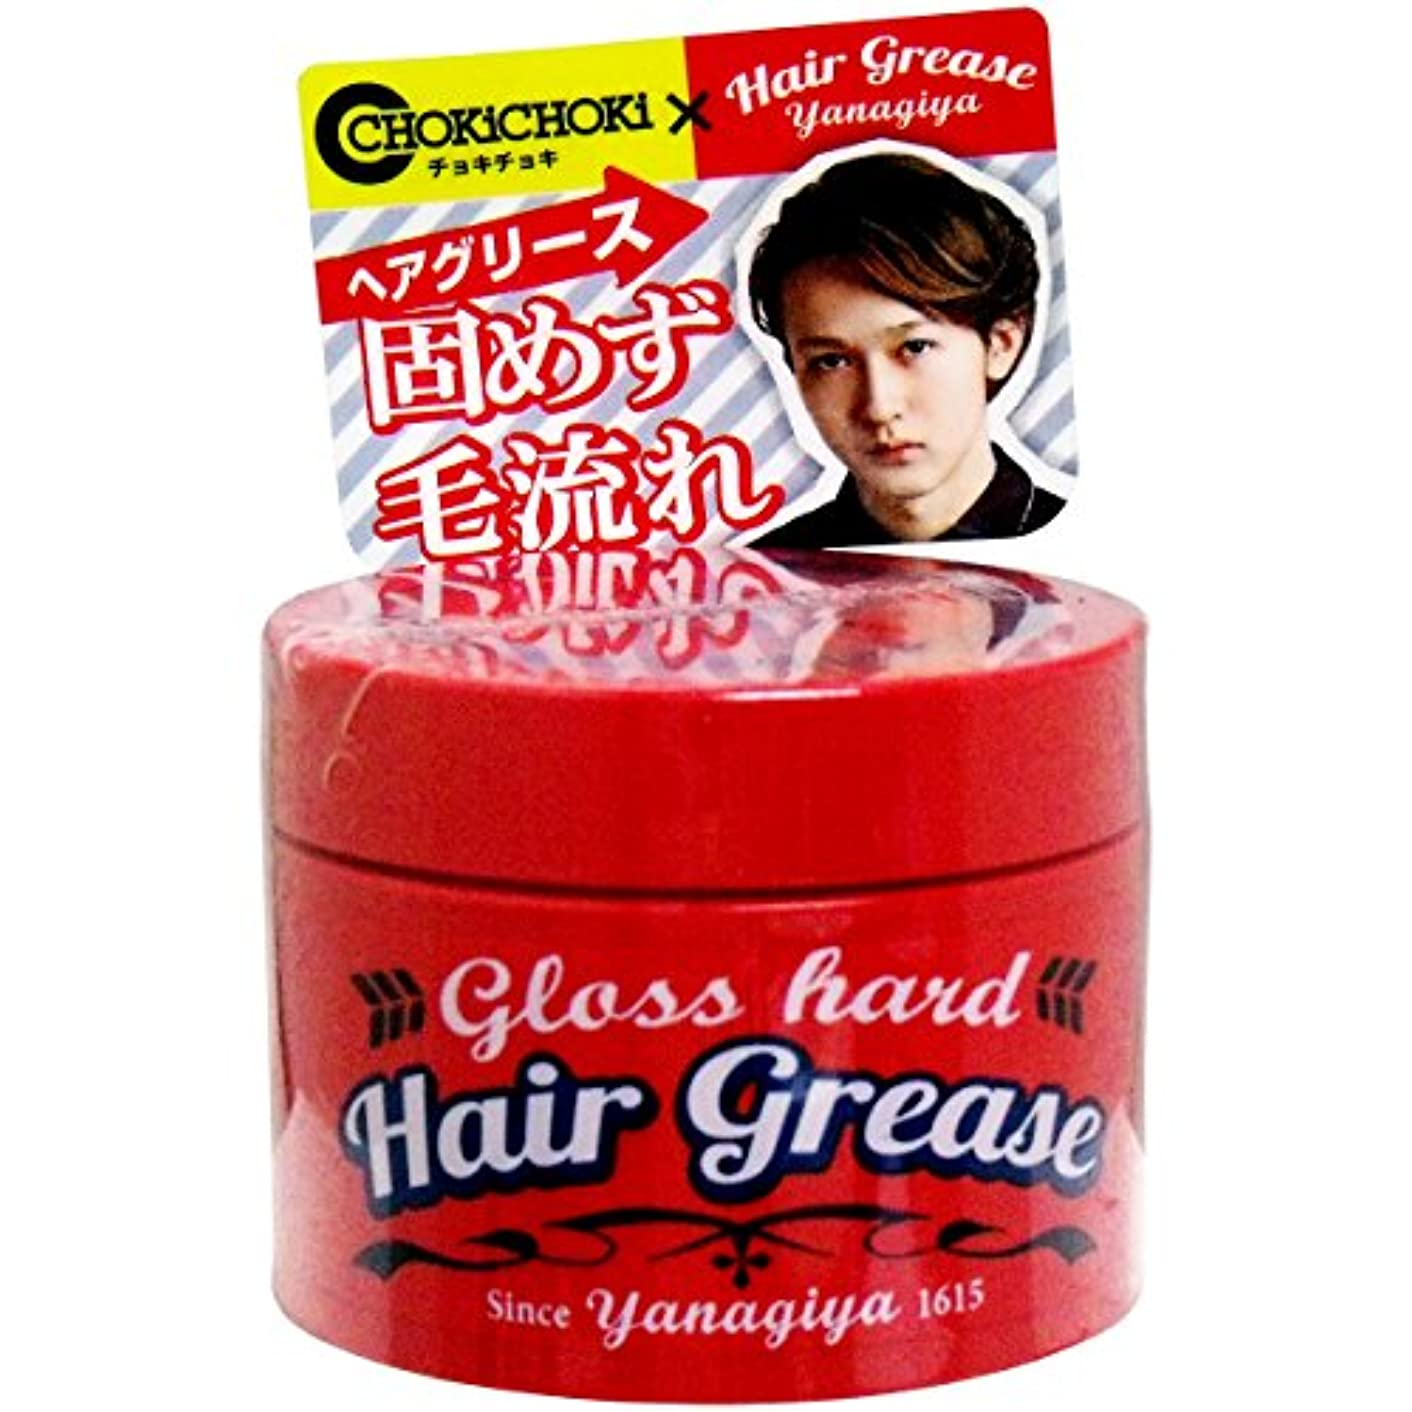 彫刻ペット誠実さヘアワックス 固めず毛流れ 使いやすい YANAGIYA ヘアグリース グロスハード 90g入【1個セット】